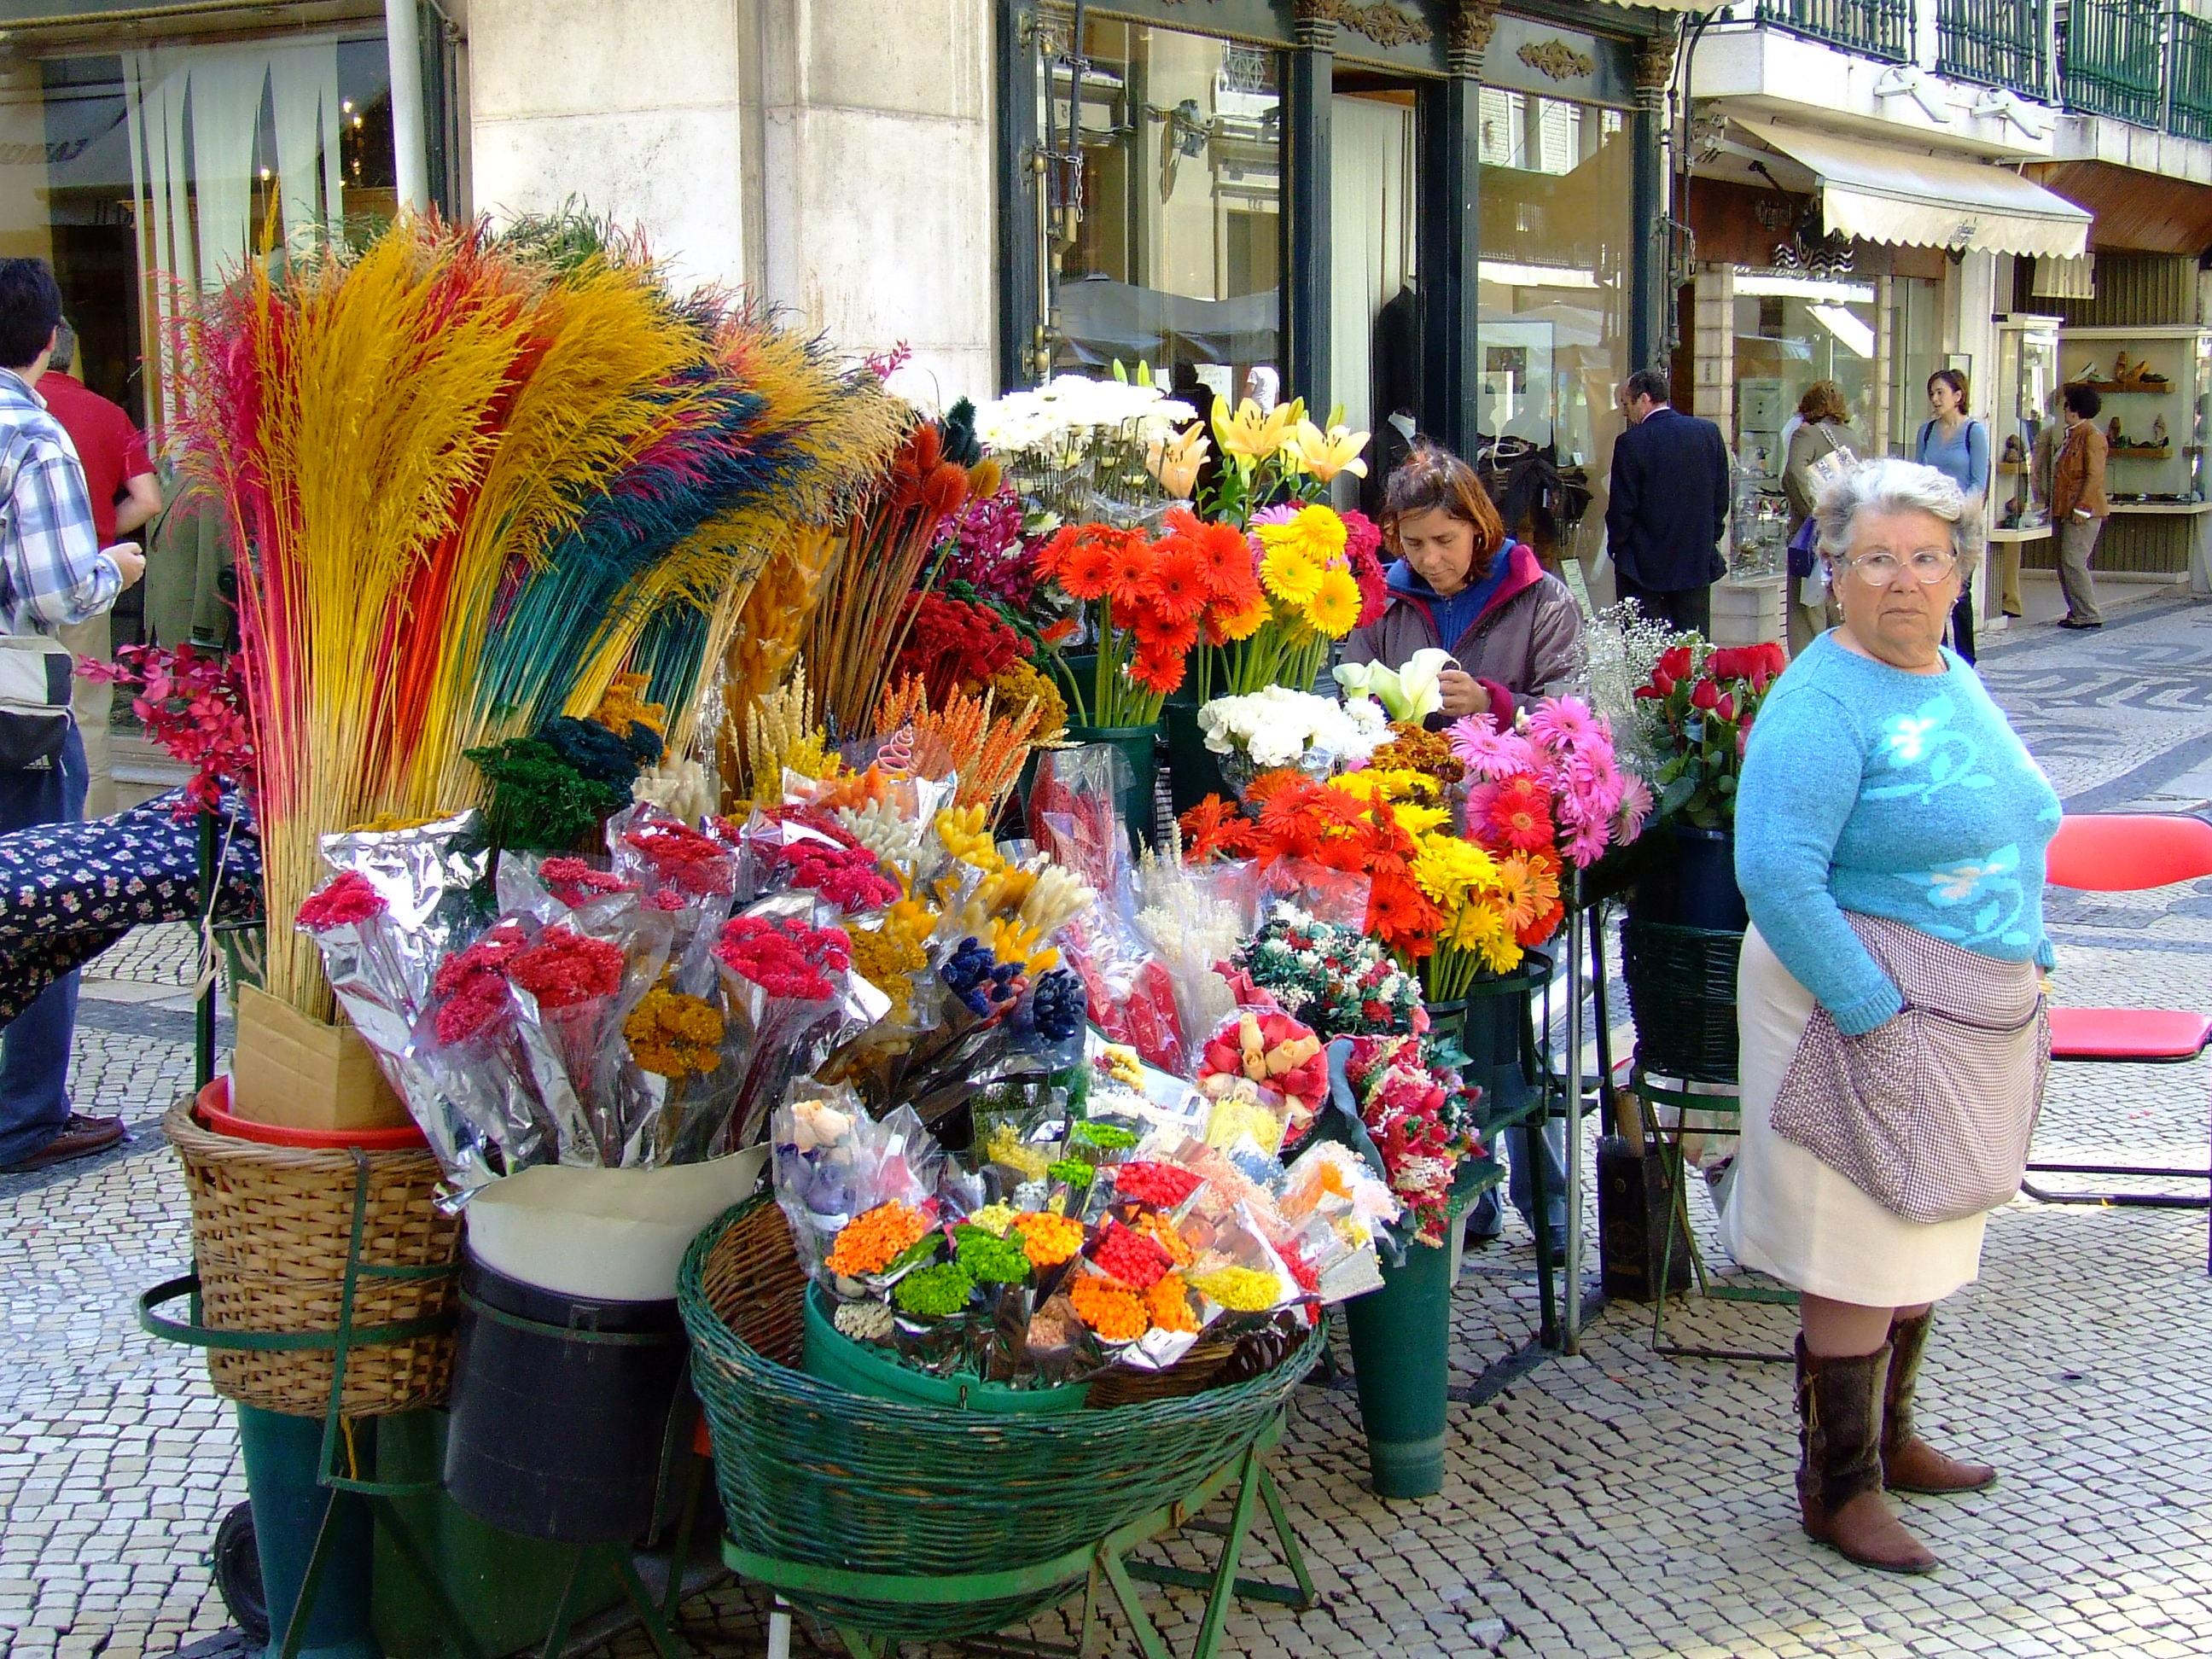 Préférence Images Gratuites : rue, fleur, ville, Urbain, Voyage, L'Europe  NJ12